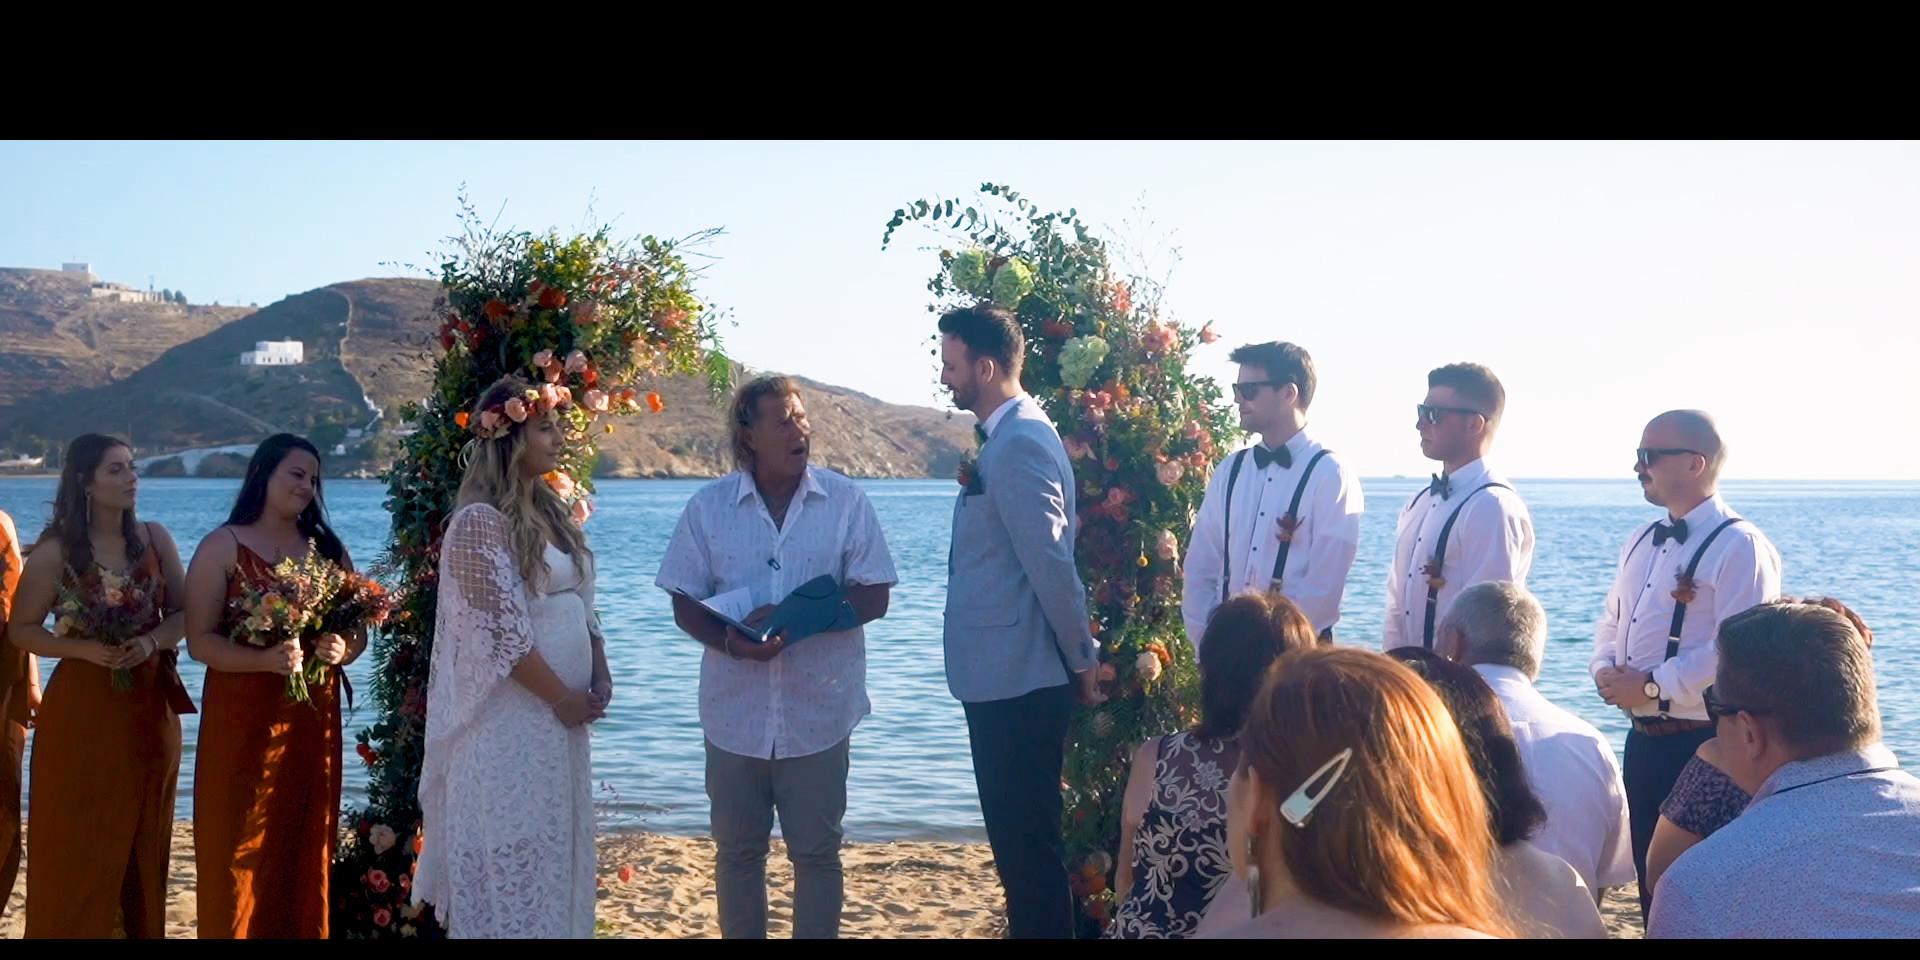 Wedding-ShortFilm.00_01_35_08.Still017.j